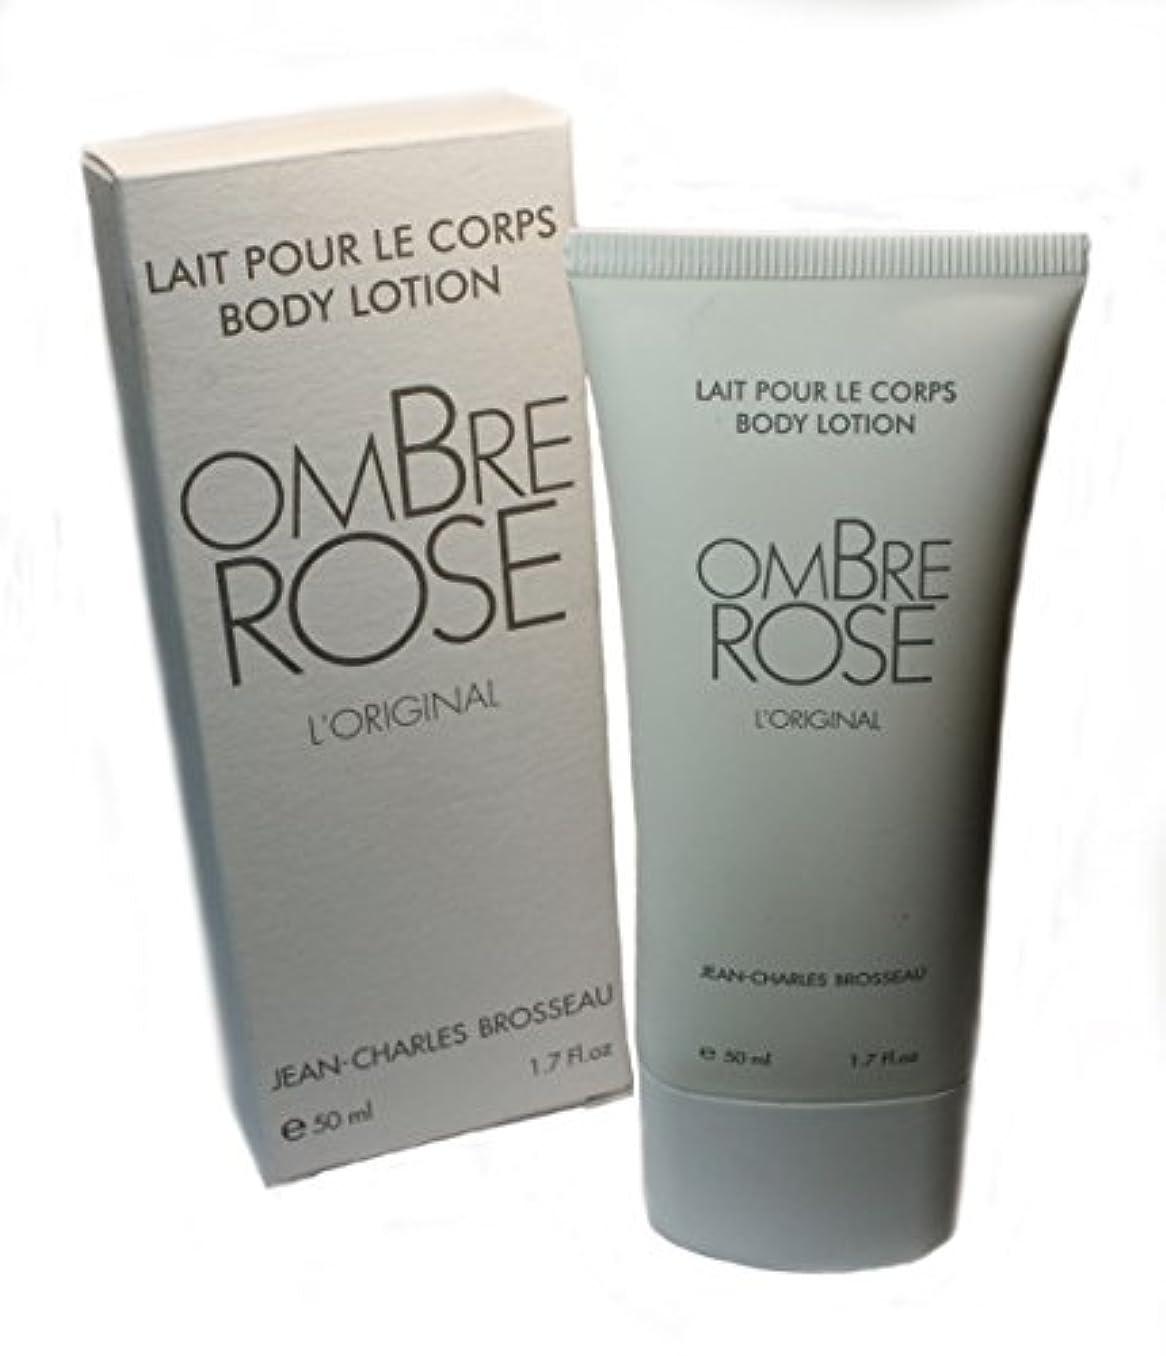 実装する活発いまJean-Charles Brosseau Ombre Rose L'Original Body Lotion(ジャン シャルル ブロッソー オンブル ローズ オリジナル ボディーローション)50ml